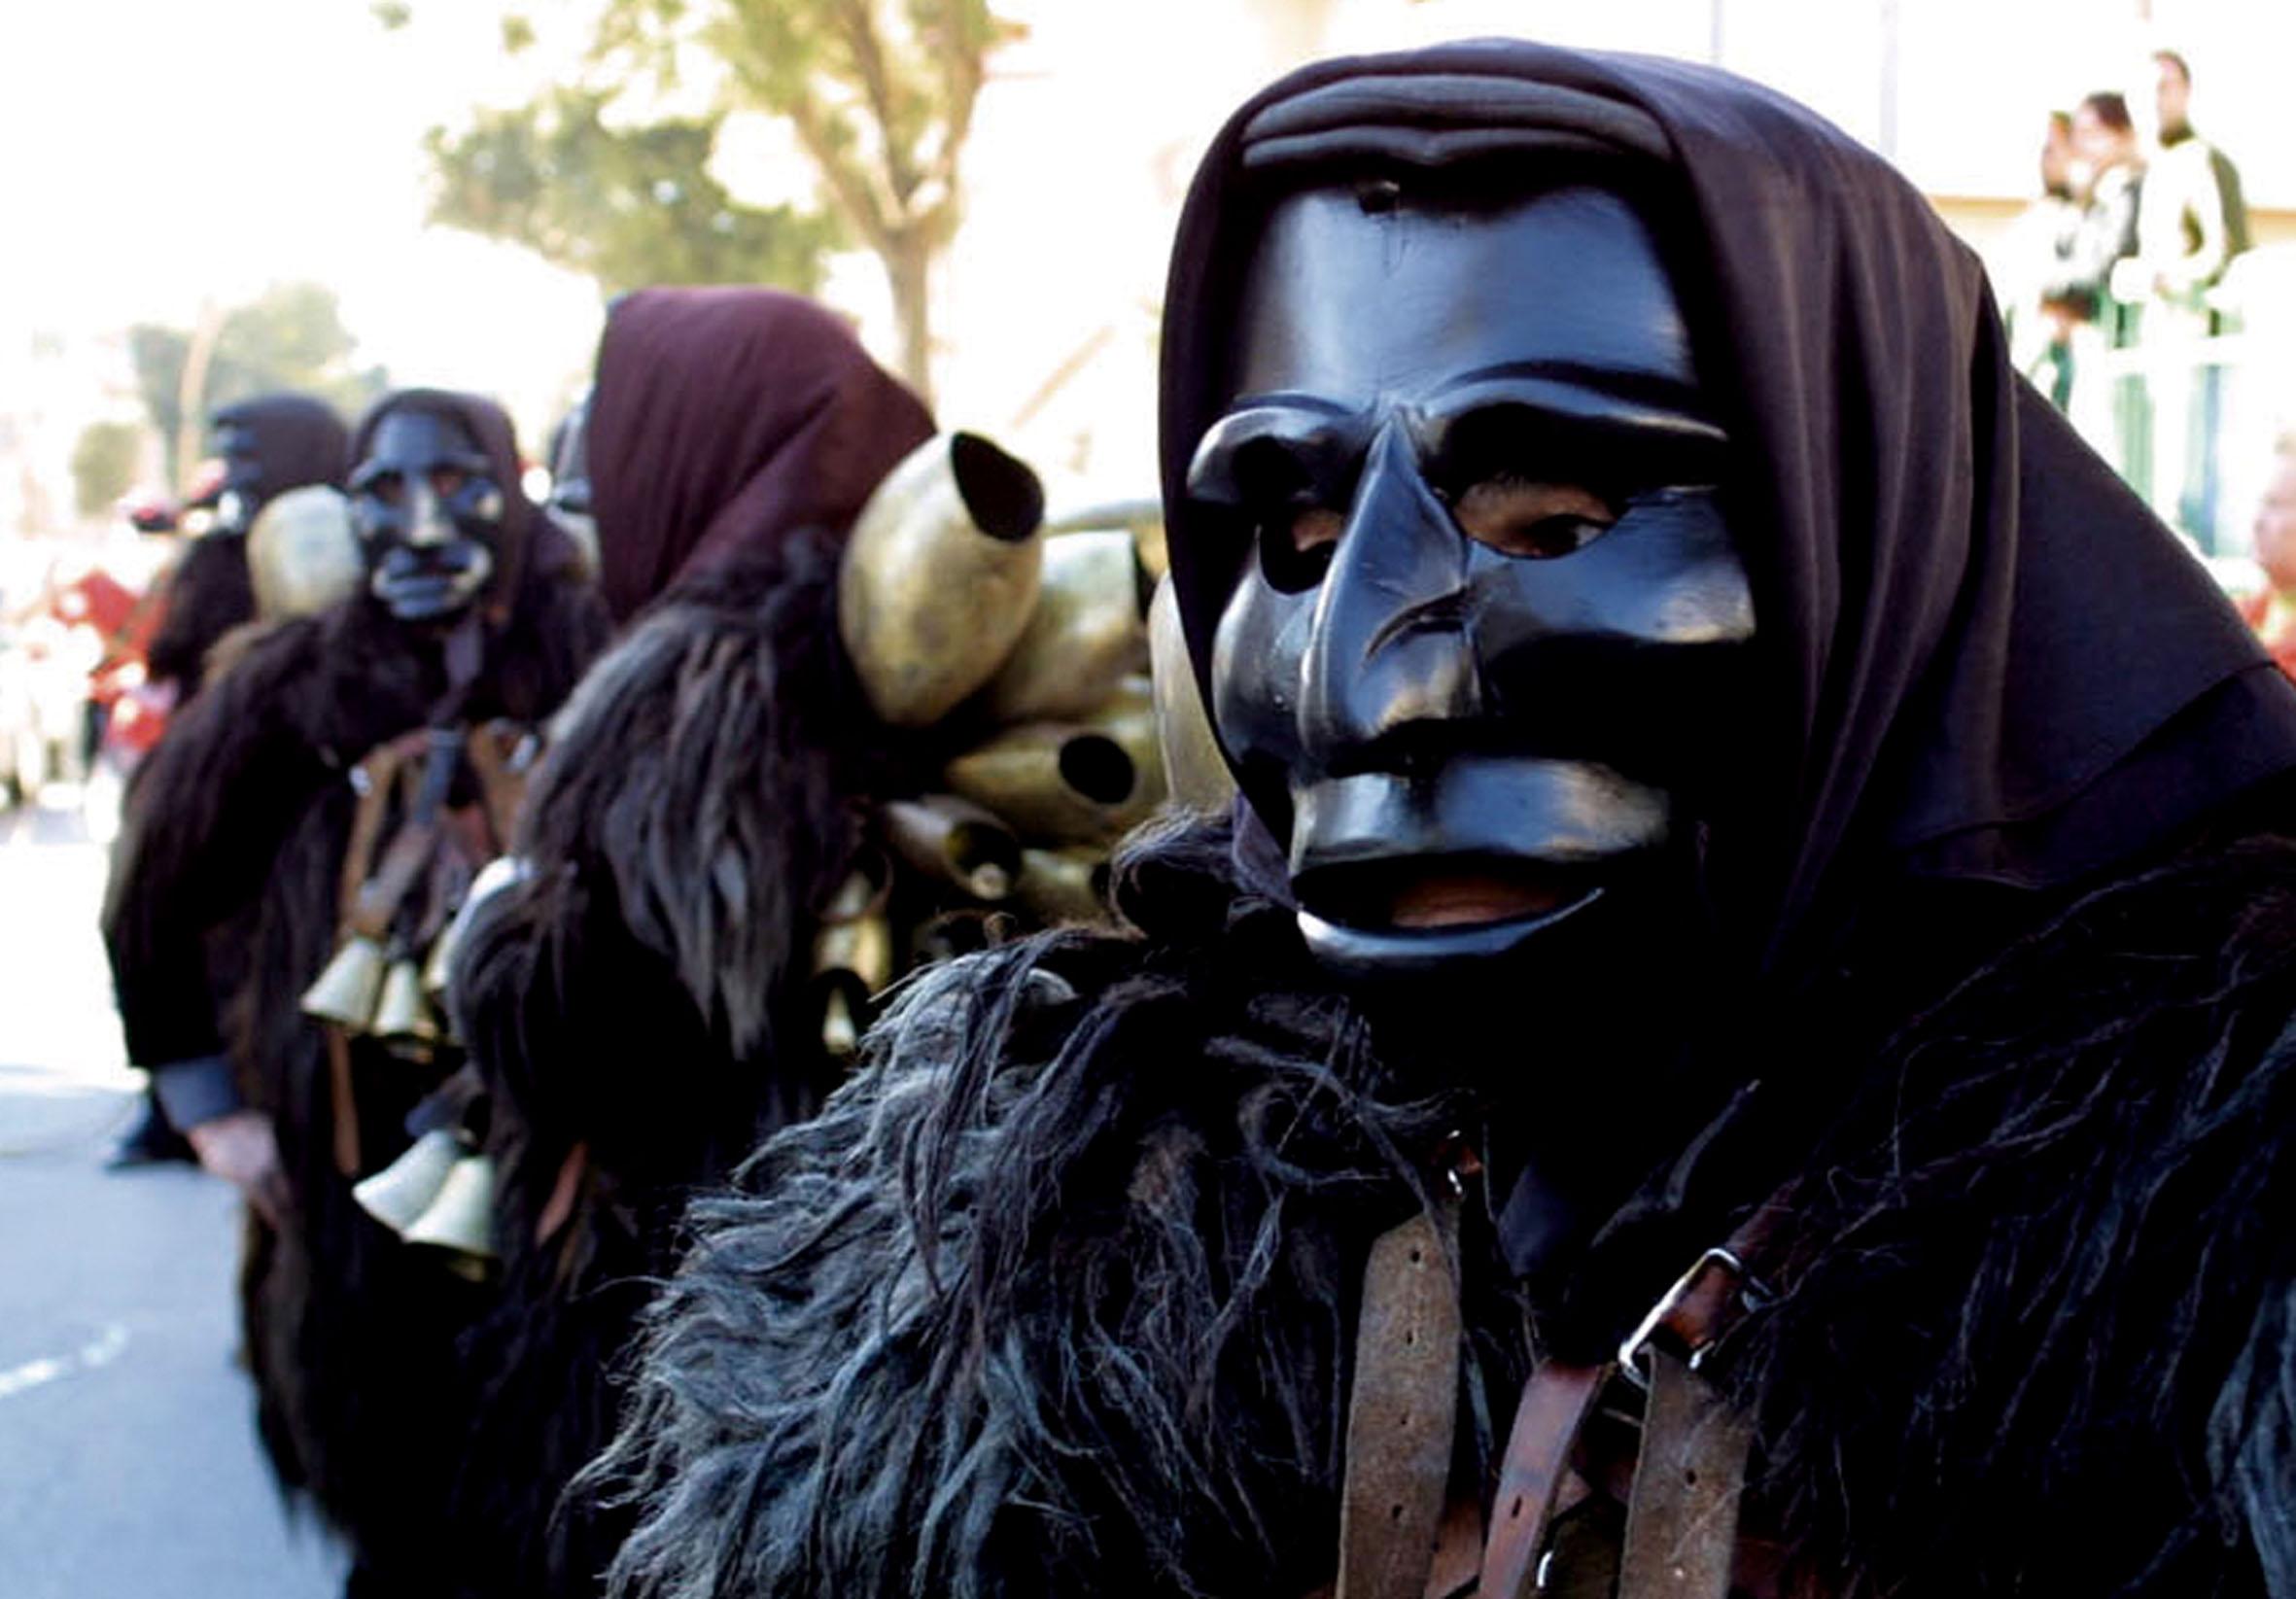 Maschera nera tipica del Carnevale di Mamoiada, Sardegna